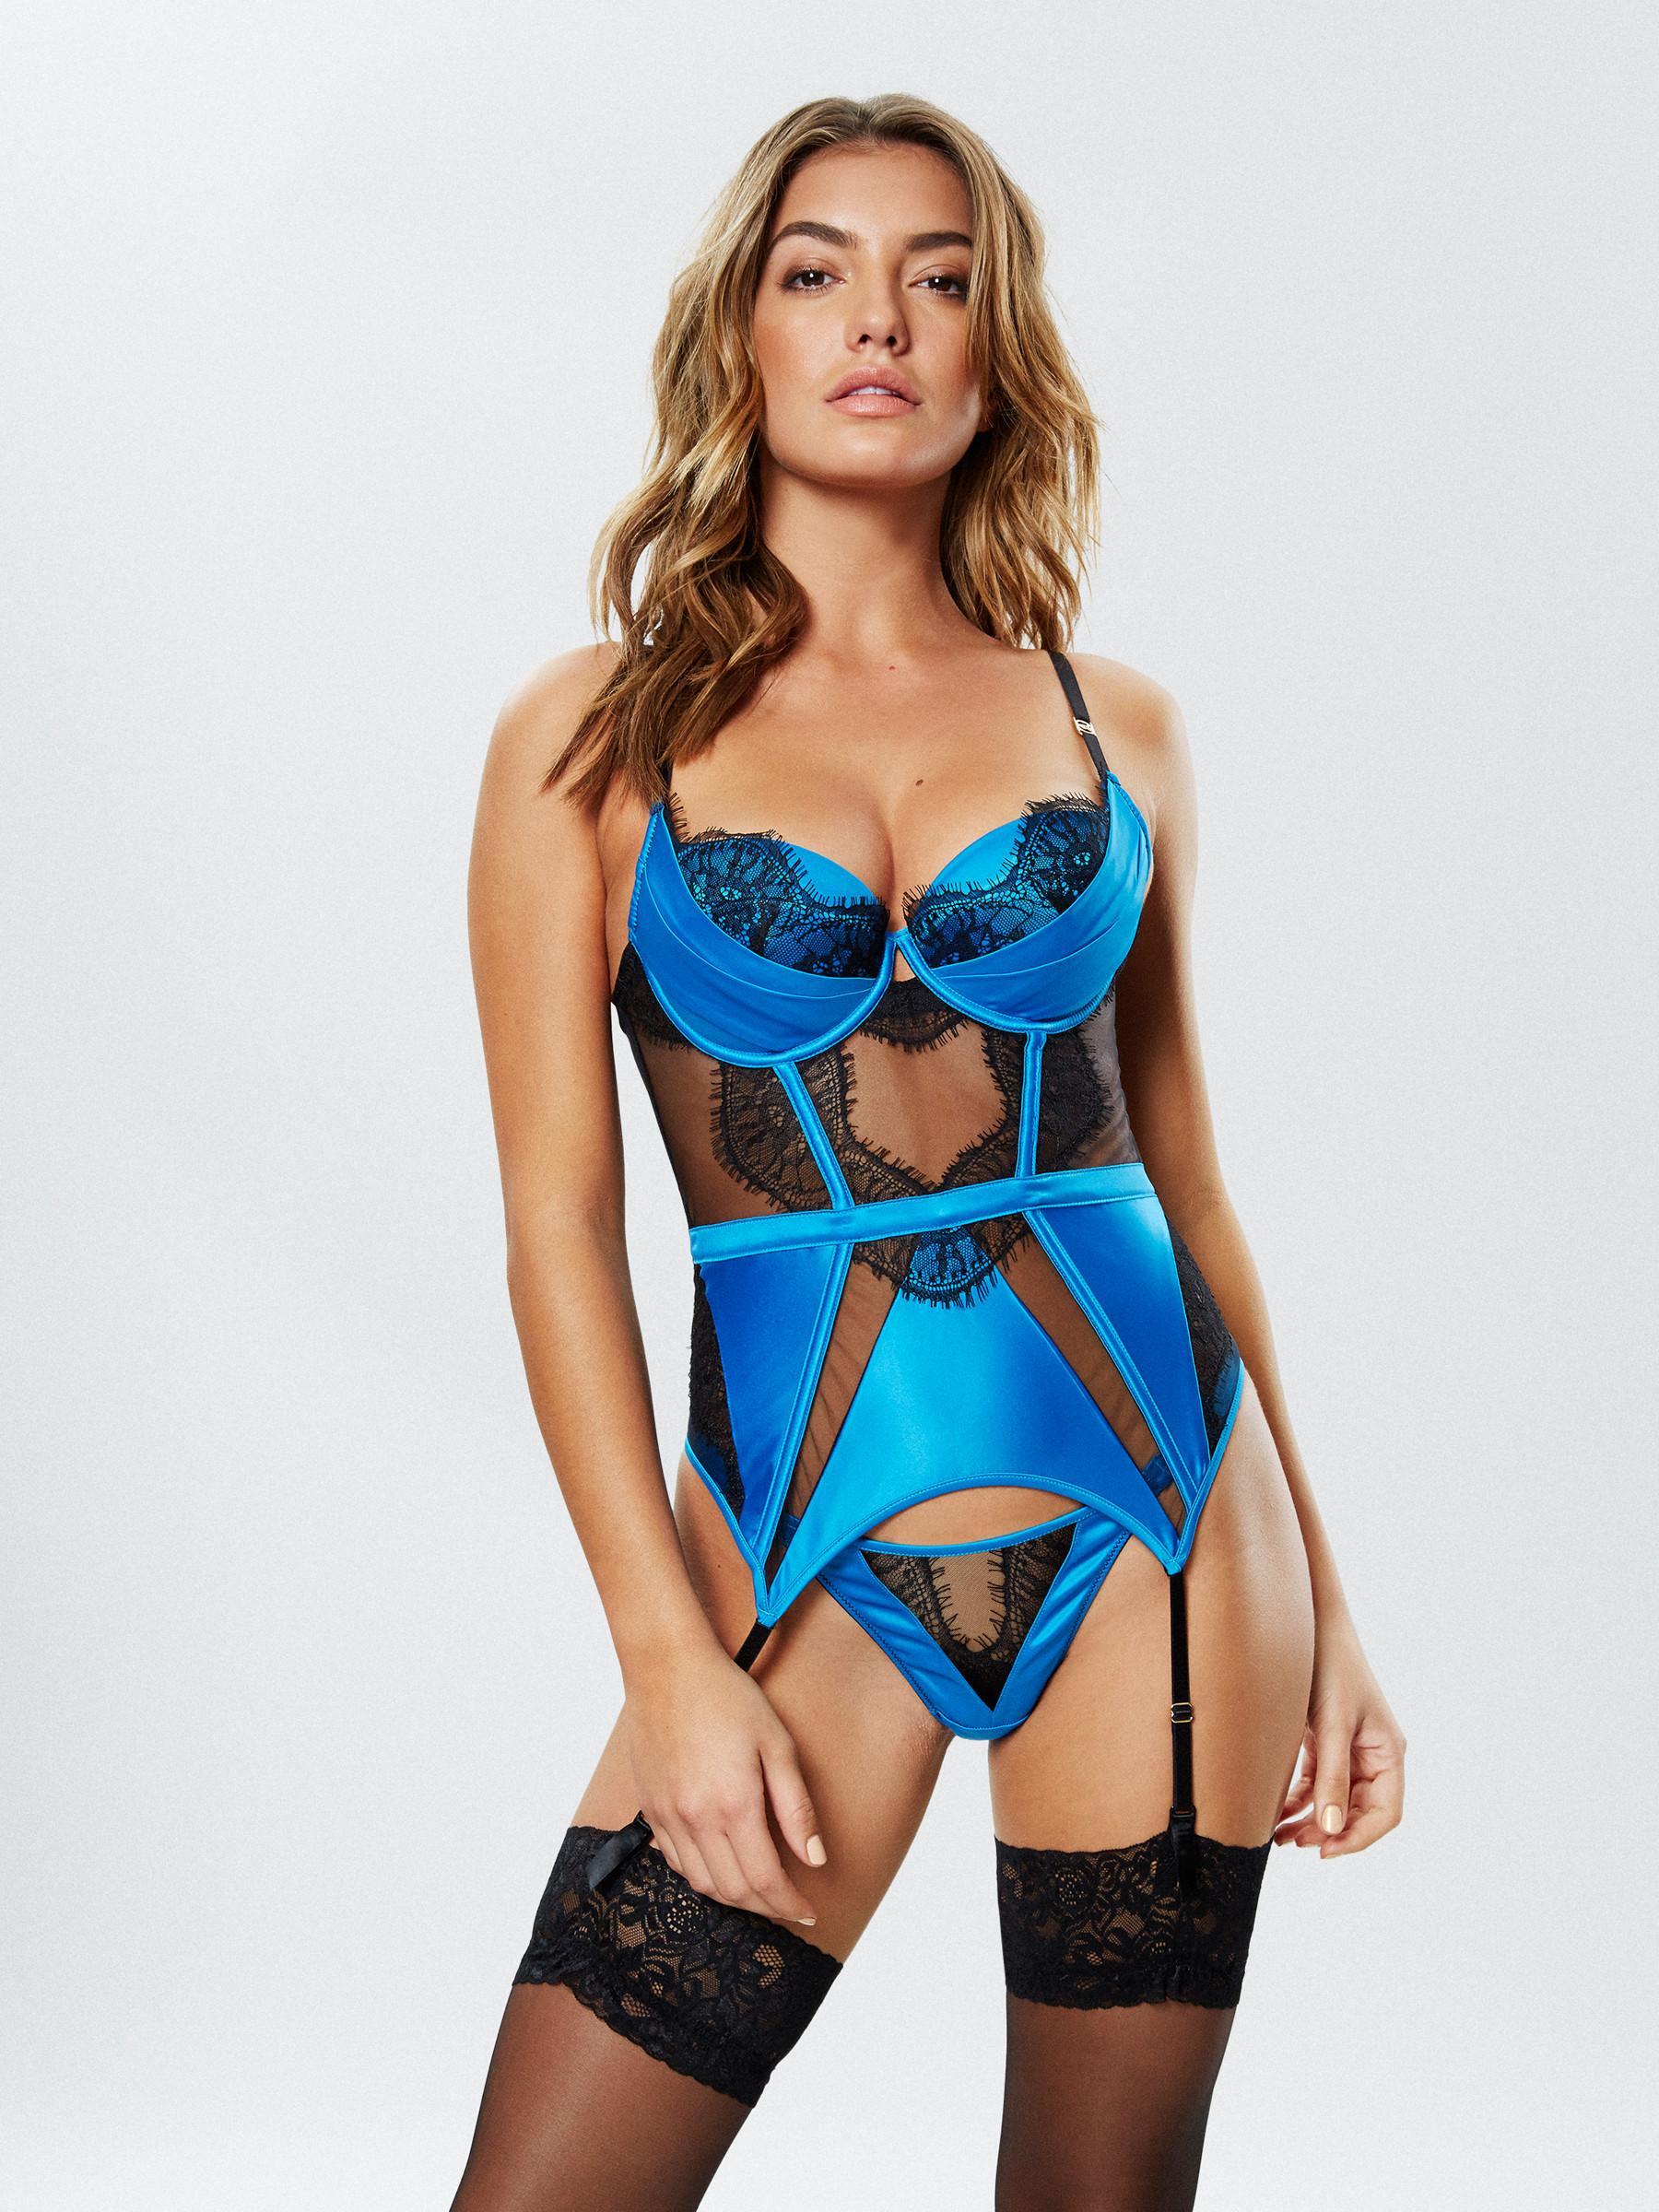 1594306fe Ann Summers Womens Adalicia Basque Satin Underwire Sexy Lingerie Underwear